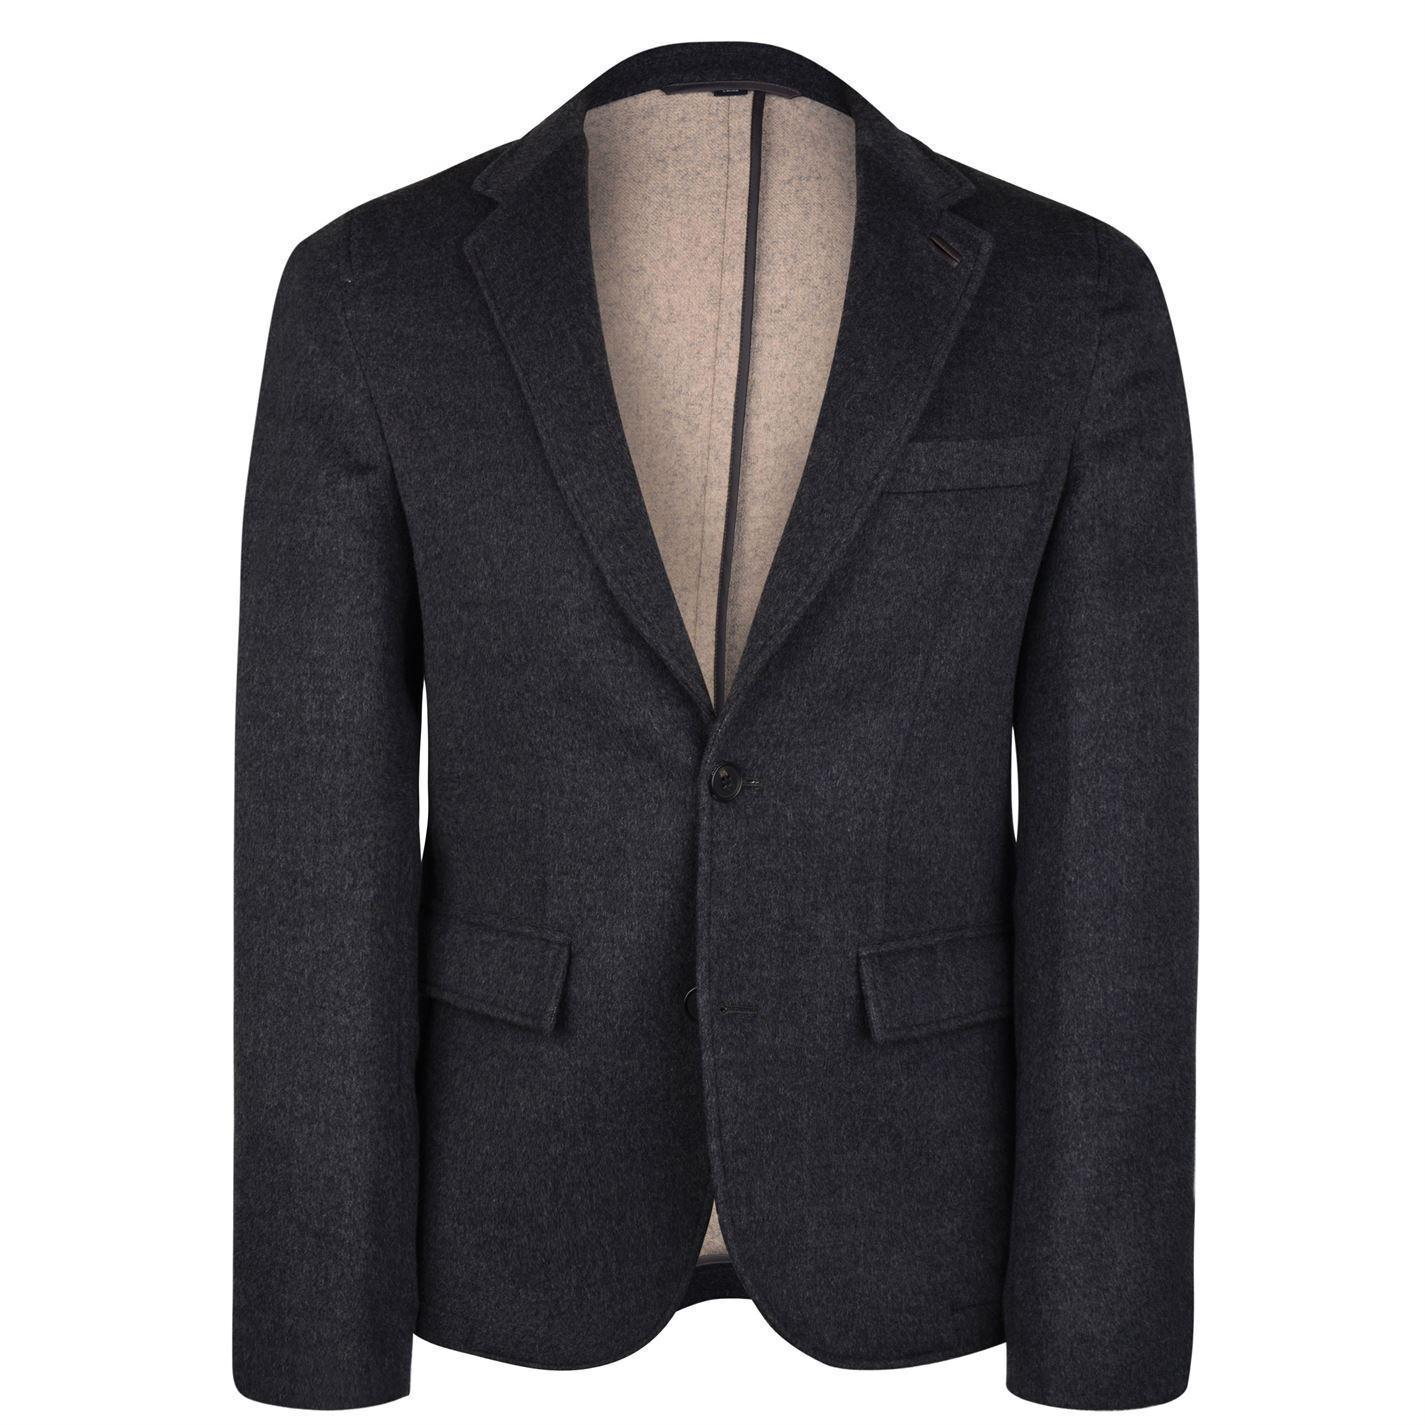 BNWT herren Stunning DKNY wolleCASHMERE blazer jacke Größe uk 40R or L .